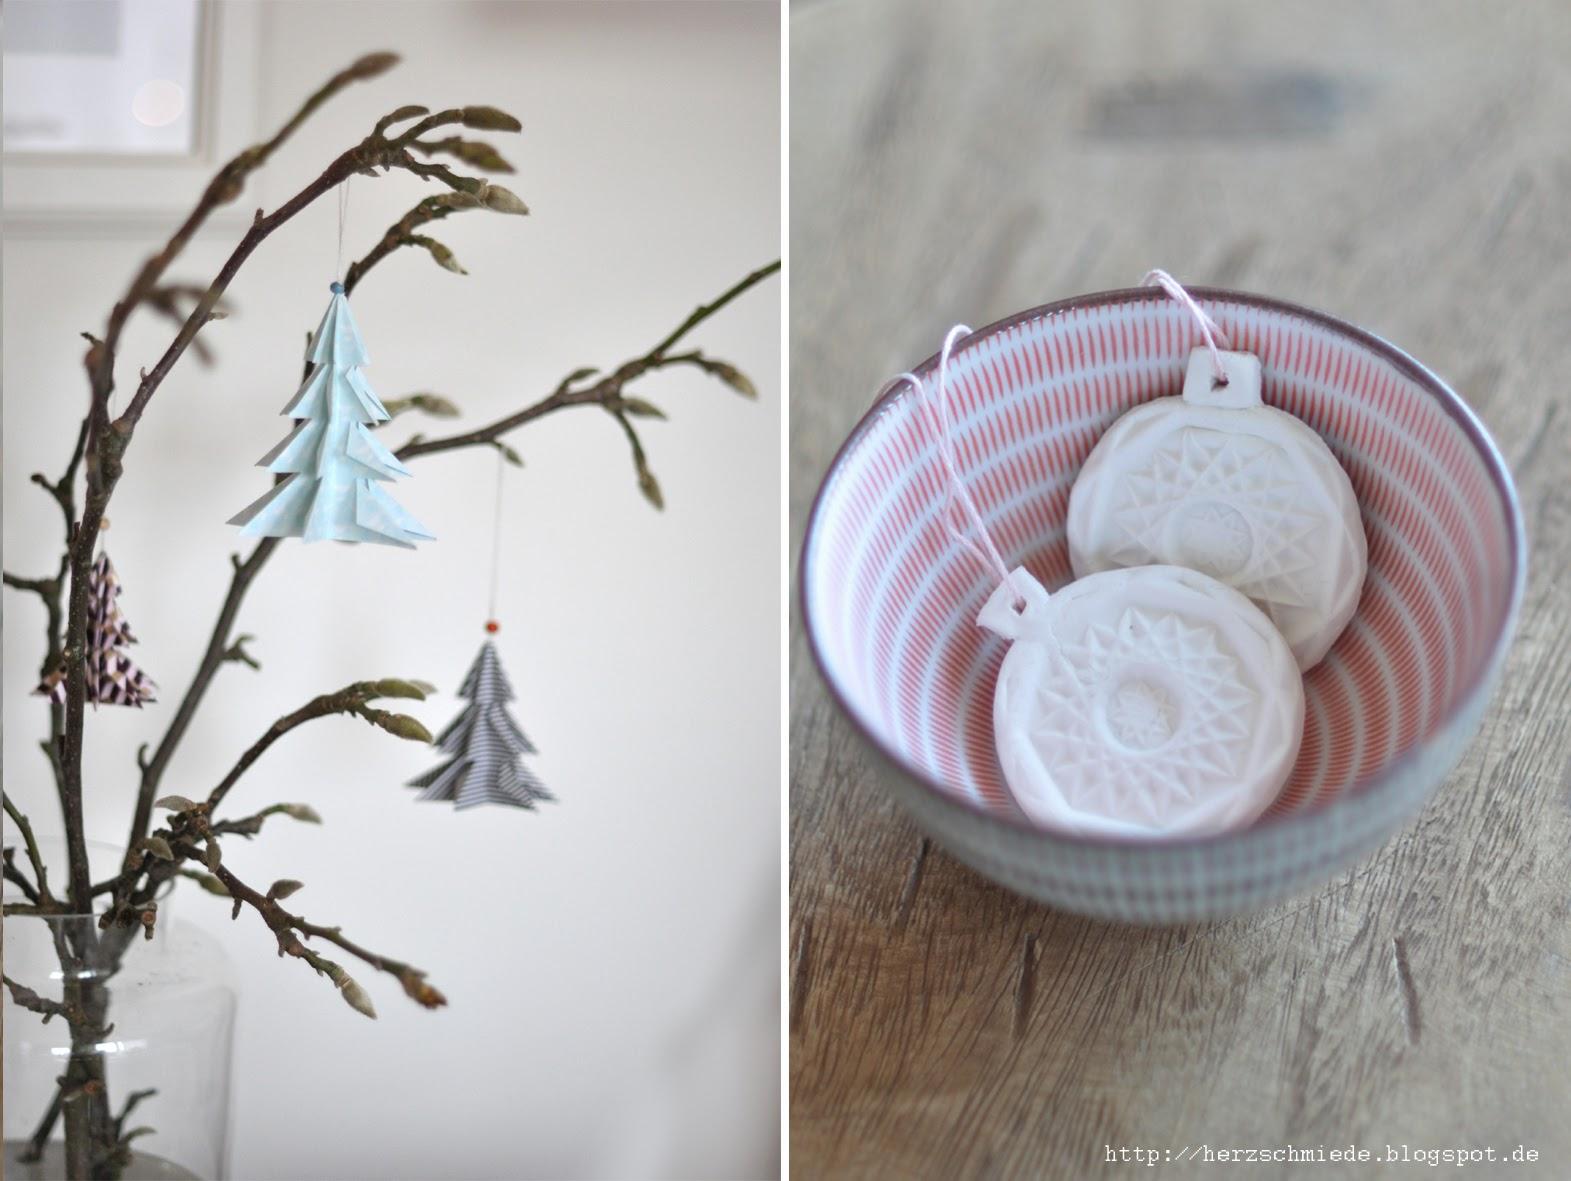 herzschmiede weihnachtsgru und keramikanh nger diy. Black Bedroom Furniture Sets. Home Design Ideas